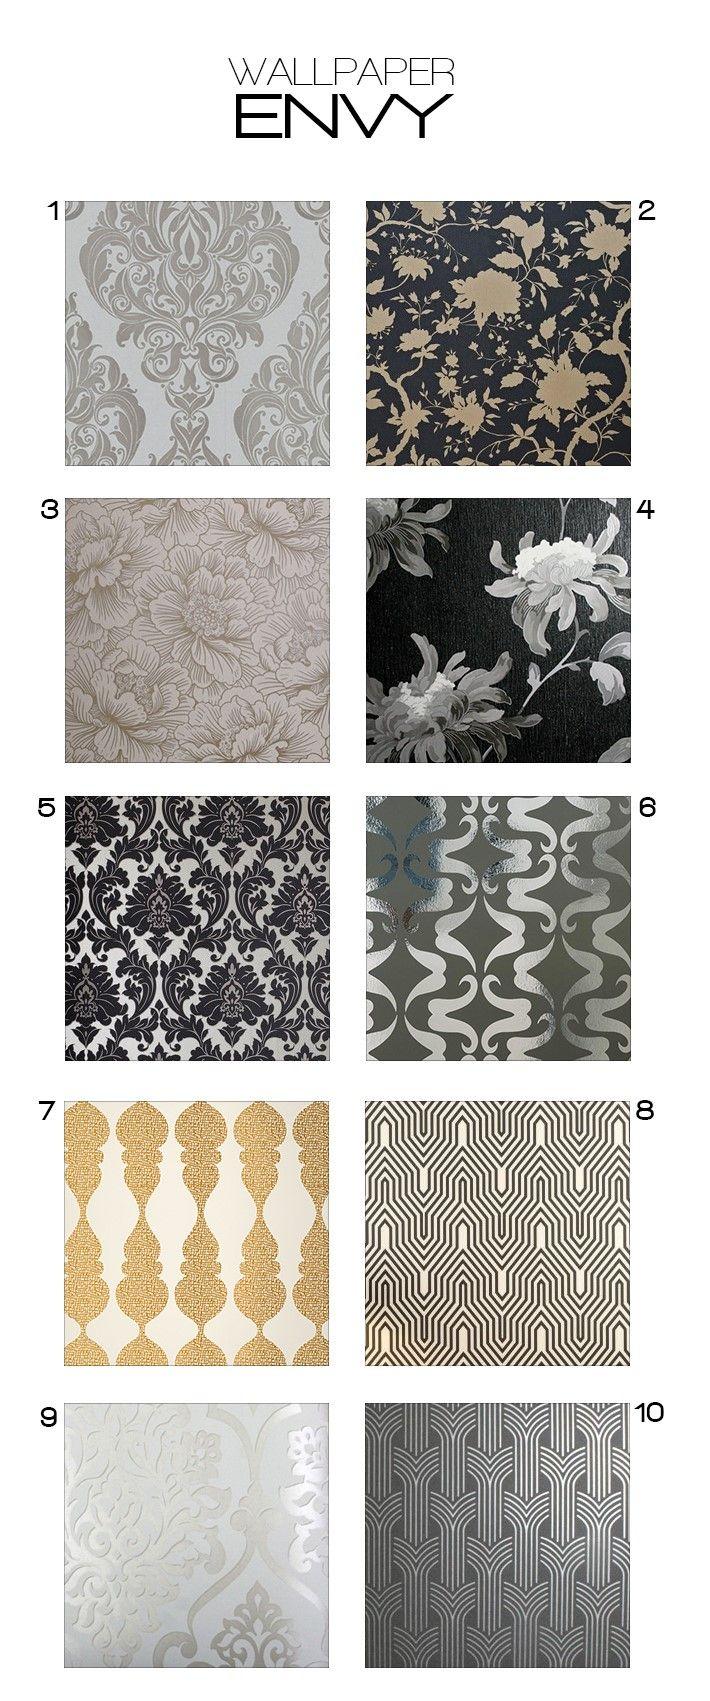 Contemporary Wallpaper Ideas: 25+ Best Ideas About Modern Wallpaper On Pinterest